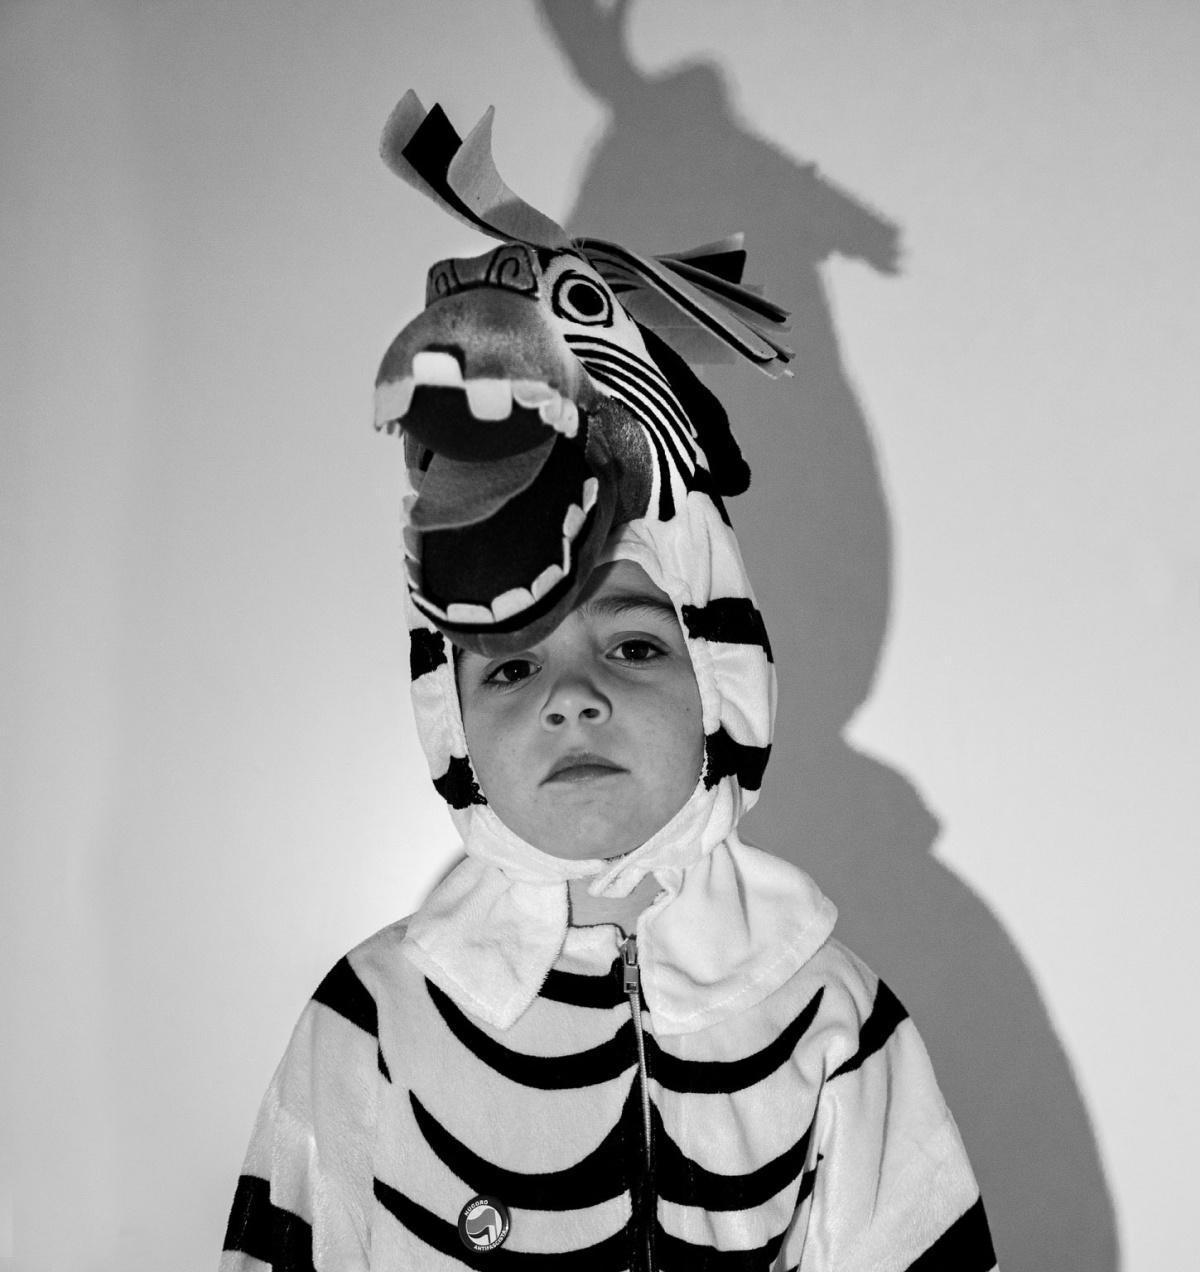 """Eventi OnLine // Mostra Fotografica in progress // """"Rubrica giocosa sulla storia della fotografia."""" Gigi Murru"""